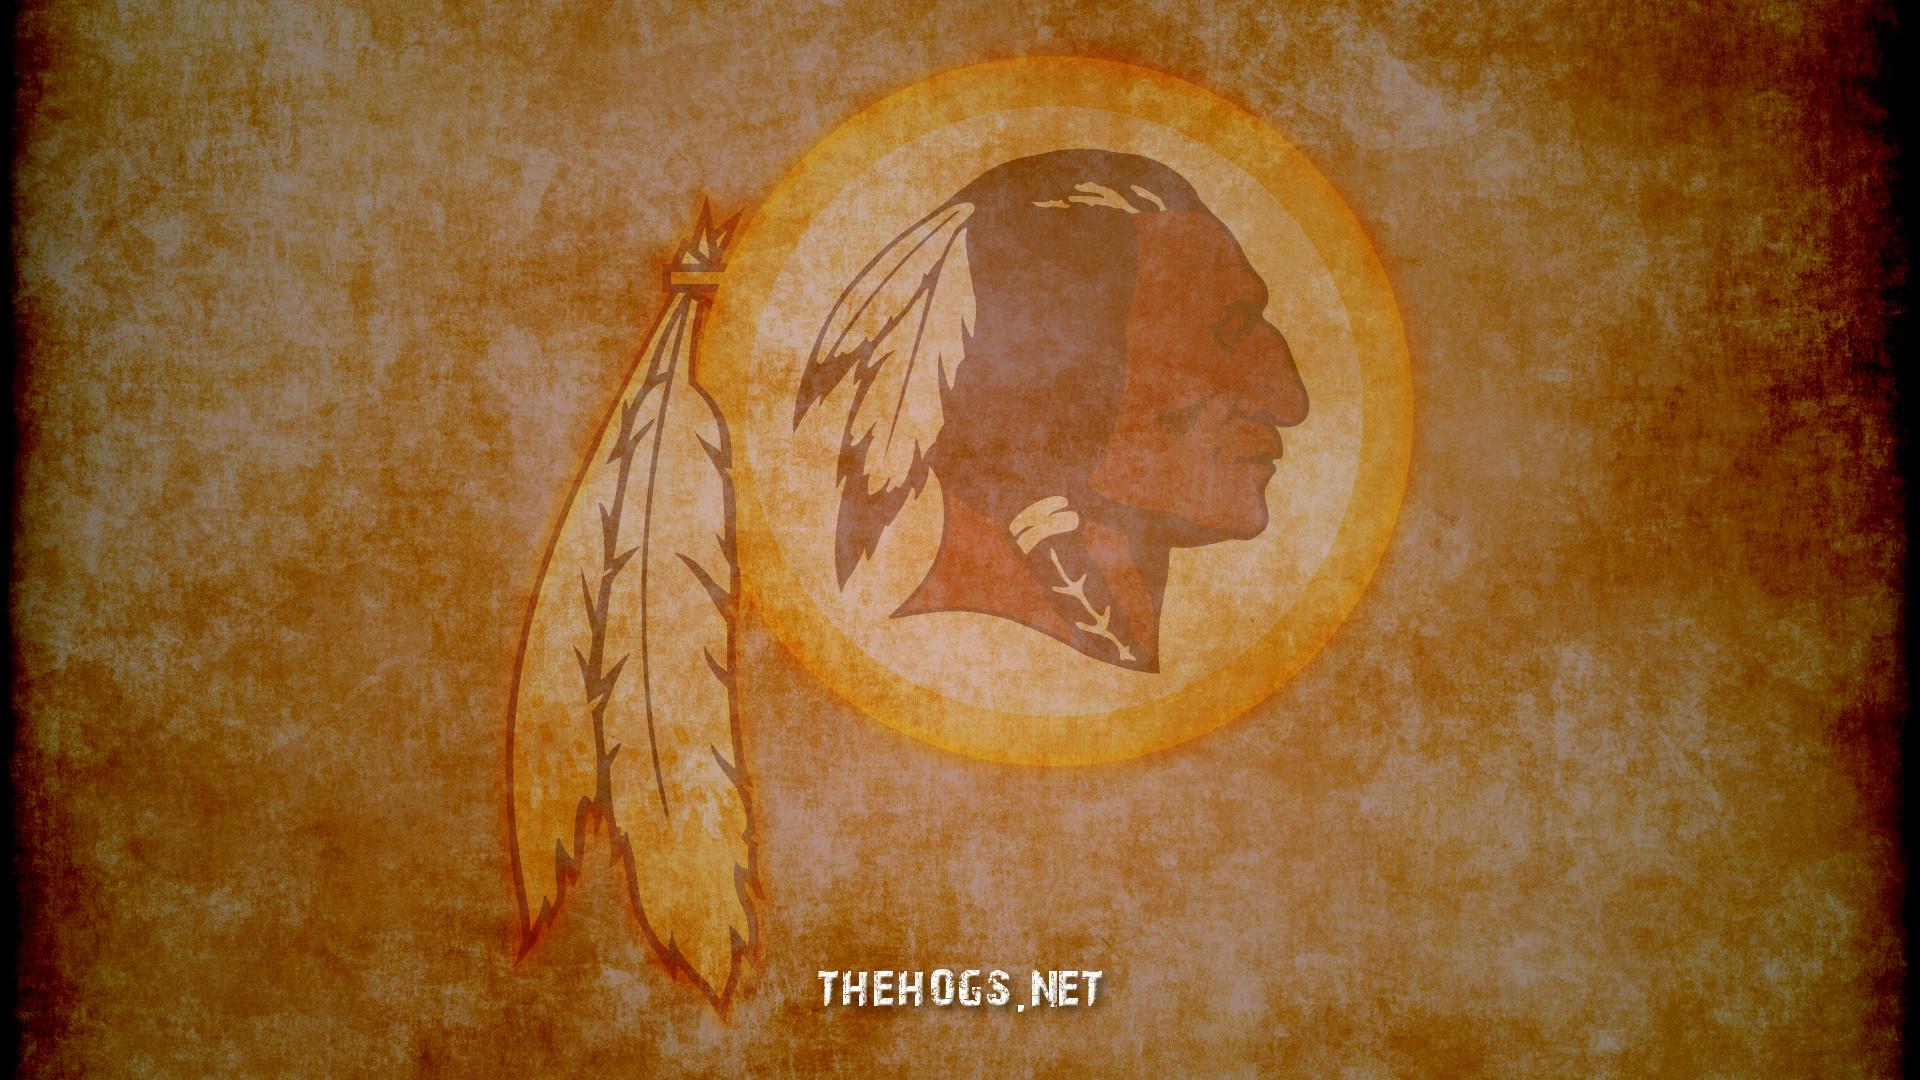 Redskins logo on old paper